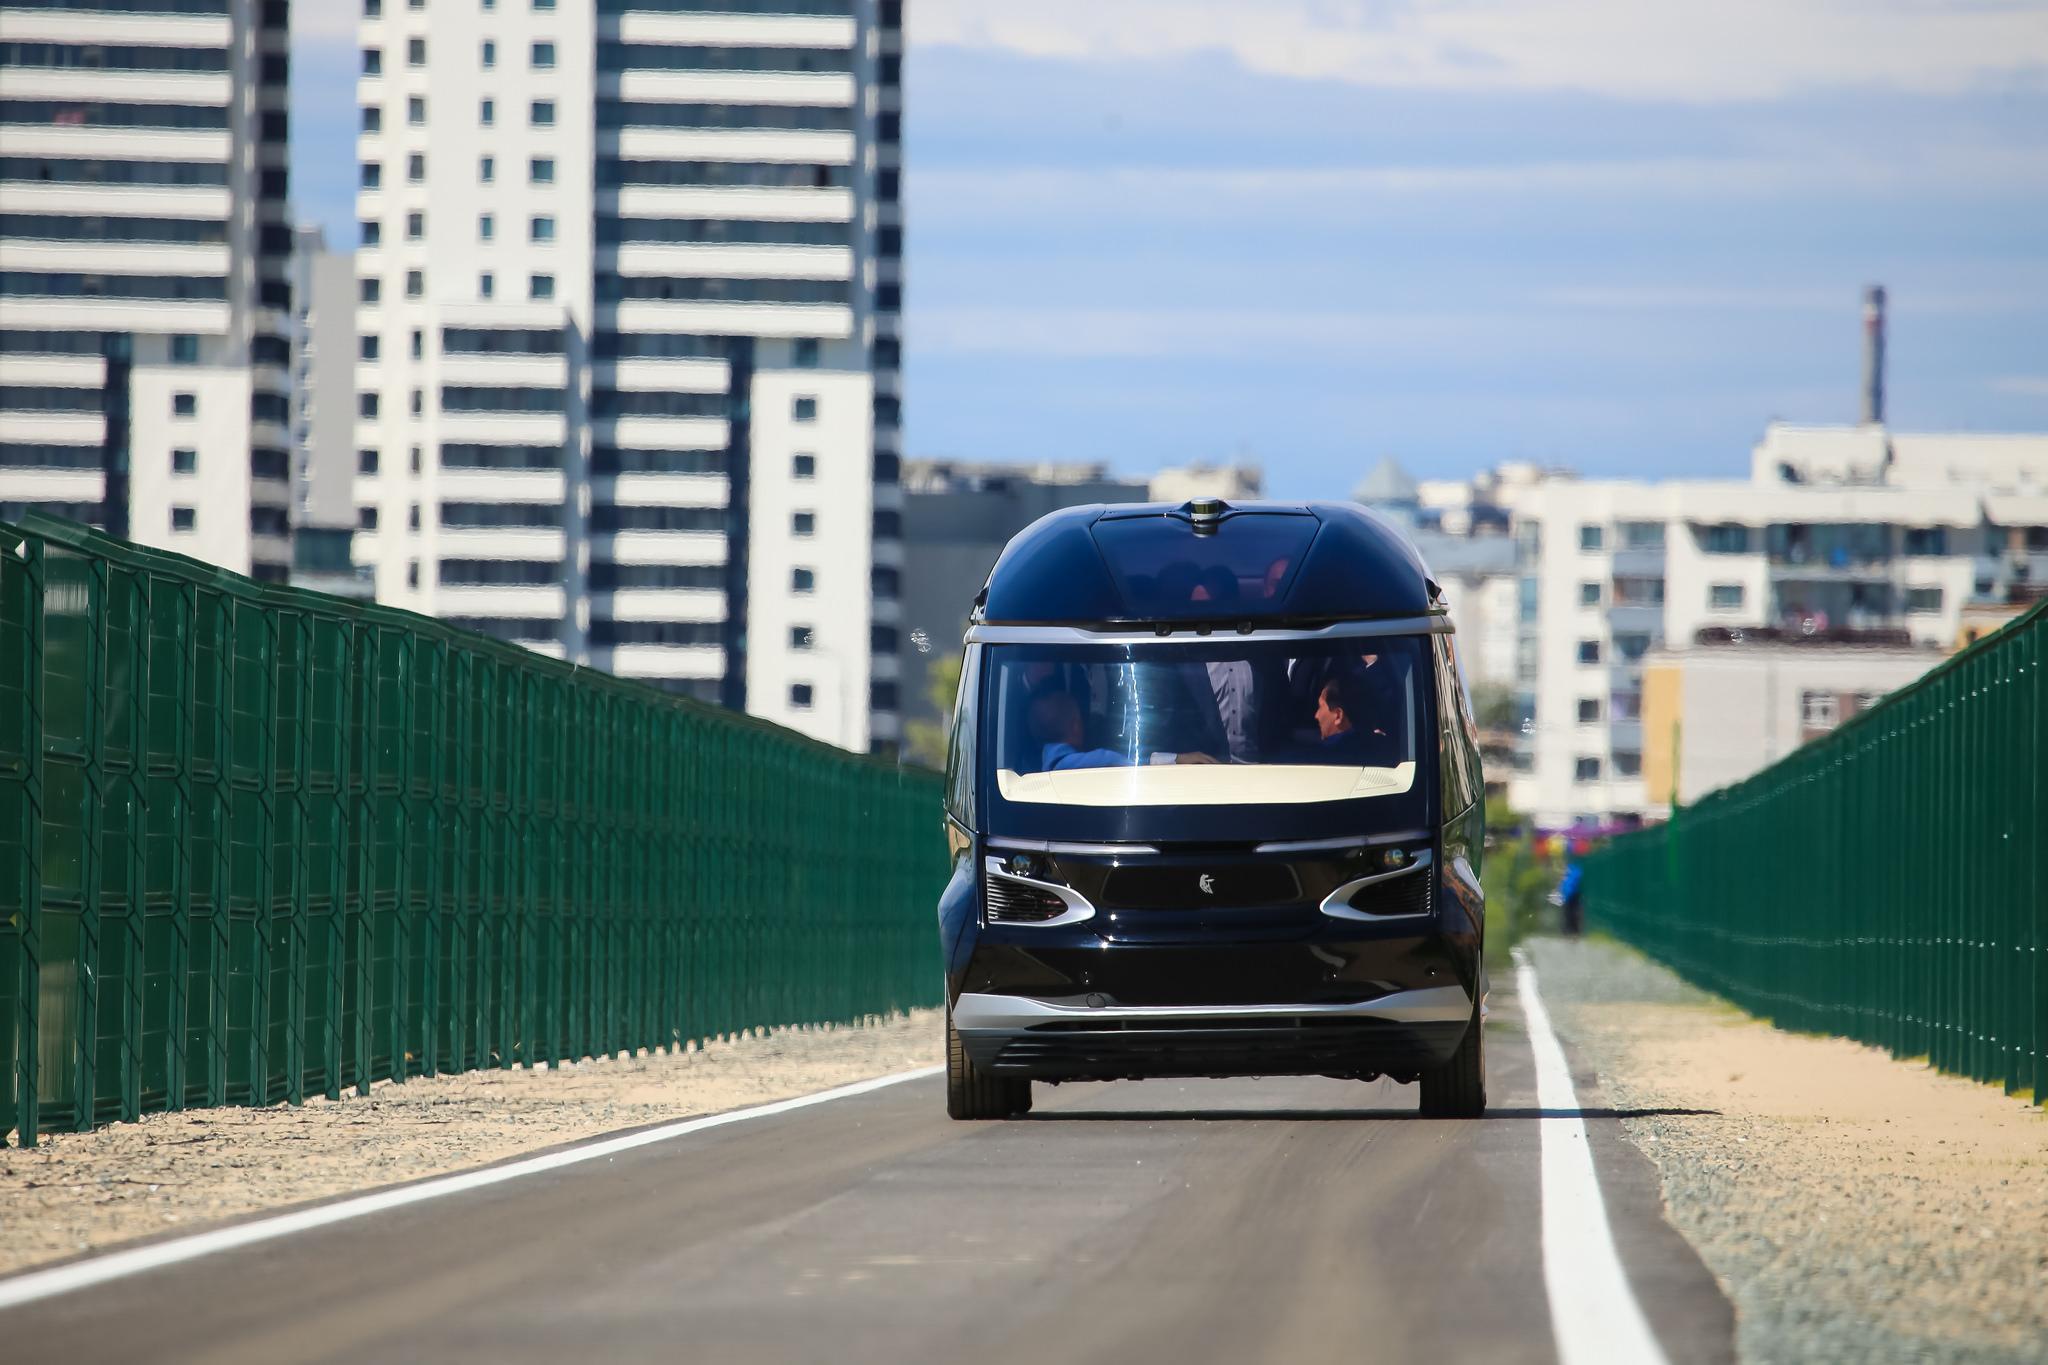 КамАЗ показал первые беспилотные автобусы со связью 5G